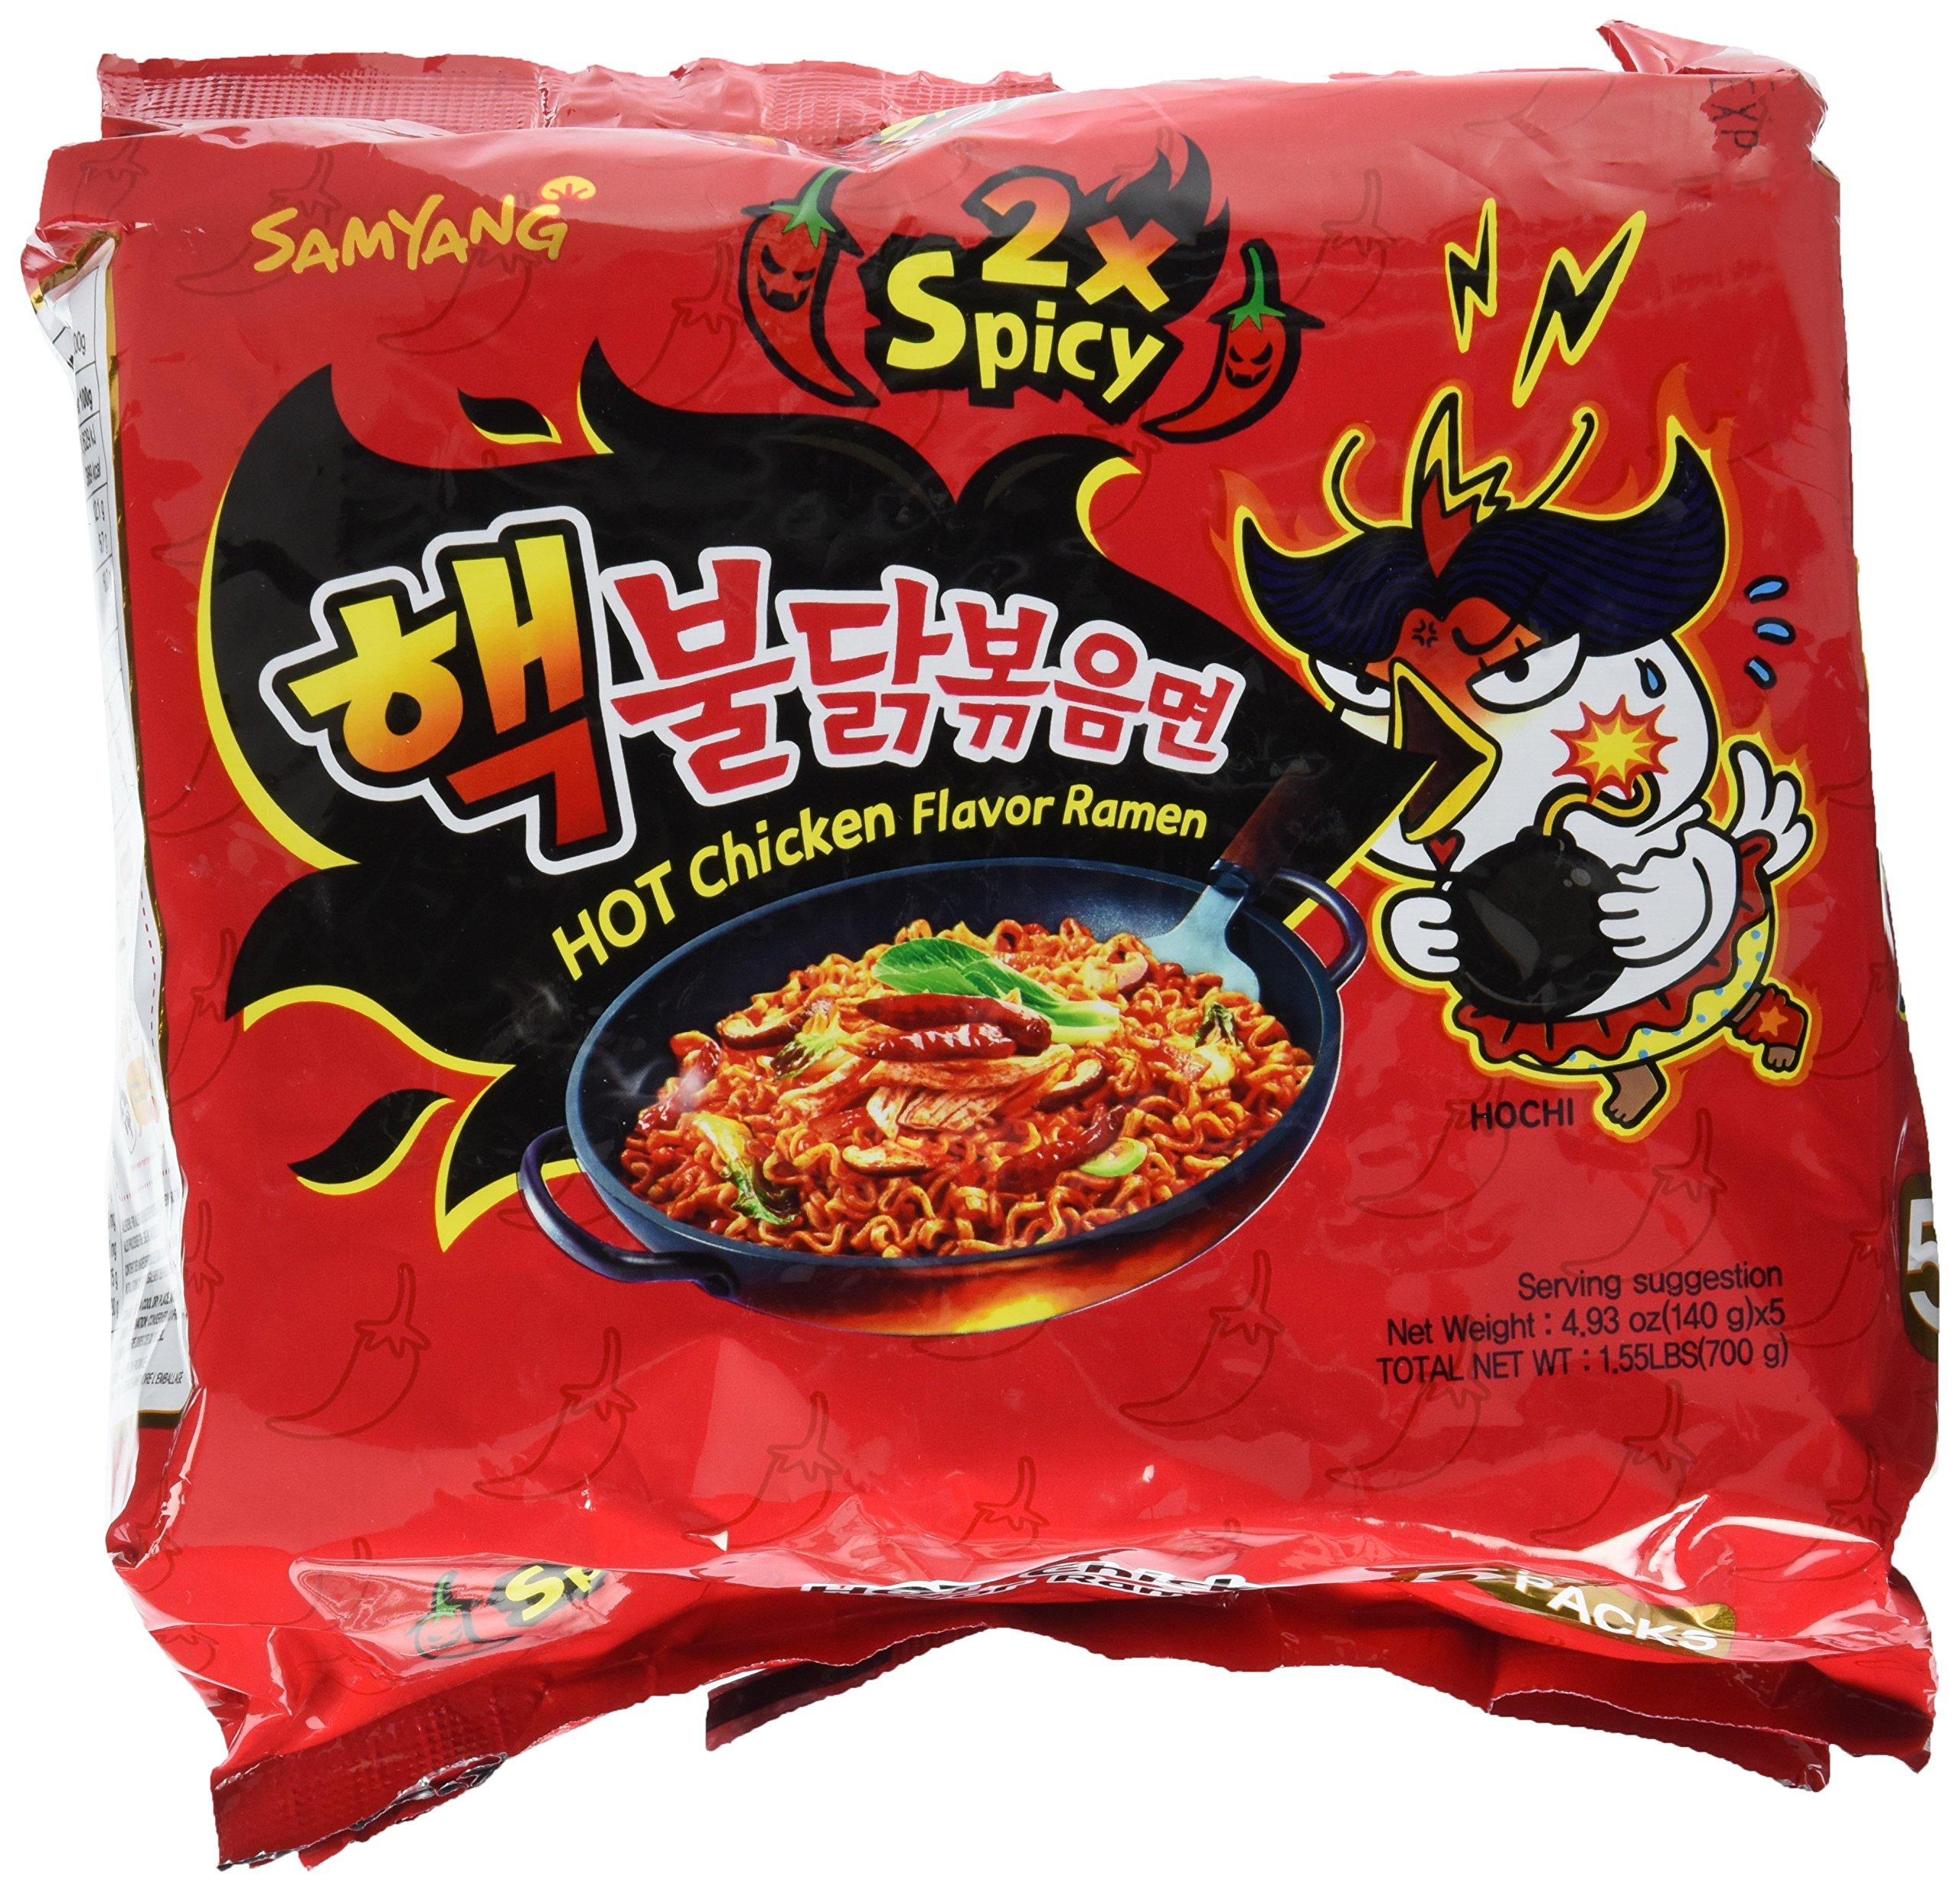 תוצאת תמונה עבור spicy ramen